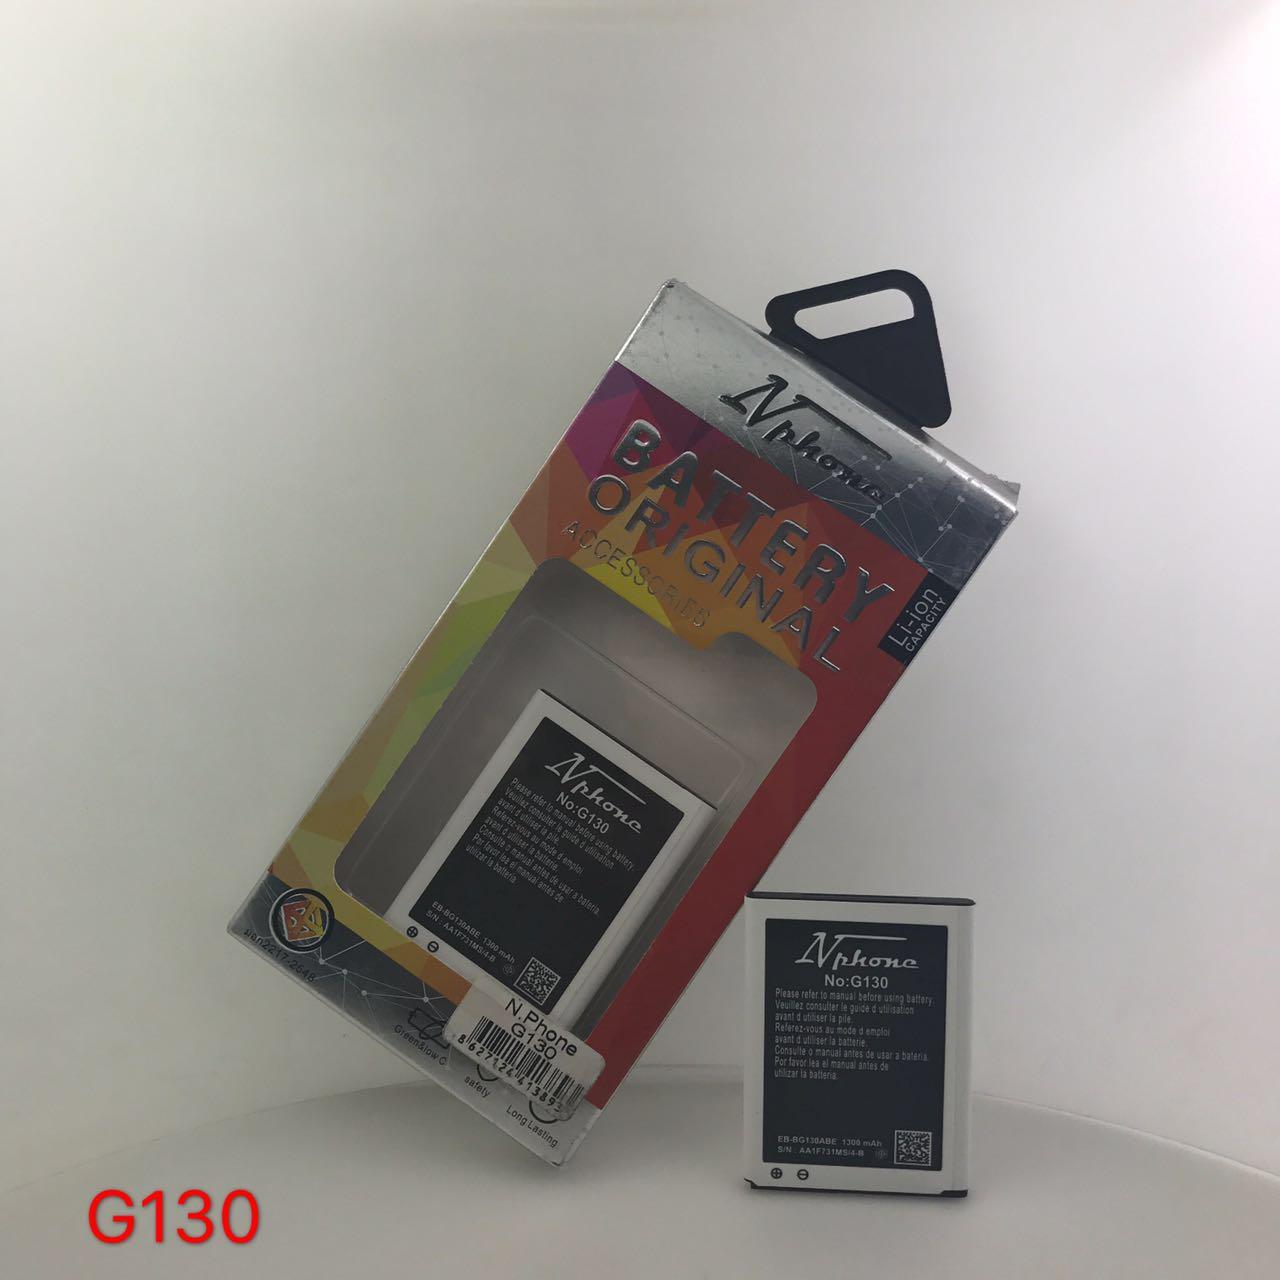 แบตเตอร์รี่ งานบริษัท ( มี มอก ไส้เต็ม ) Samsung Galaxy Young 2 // G130